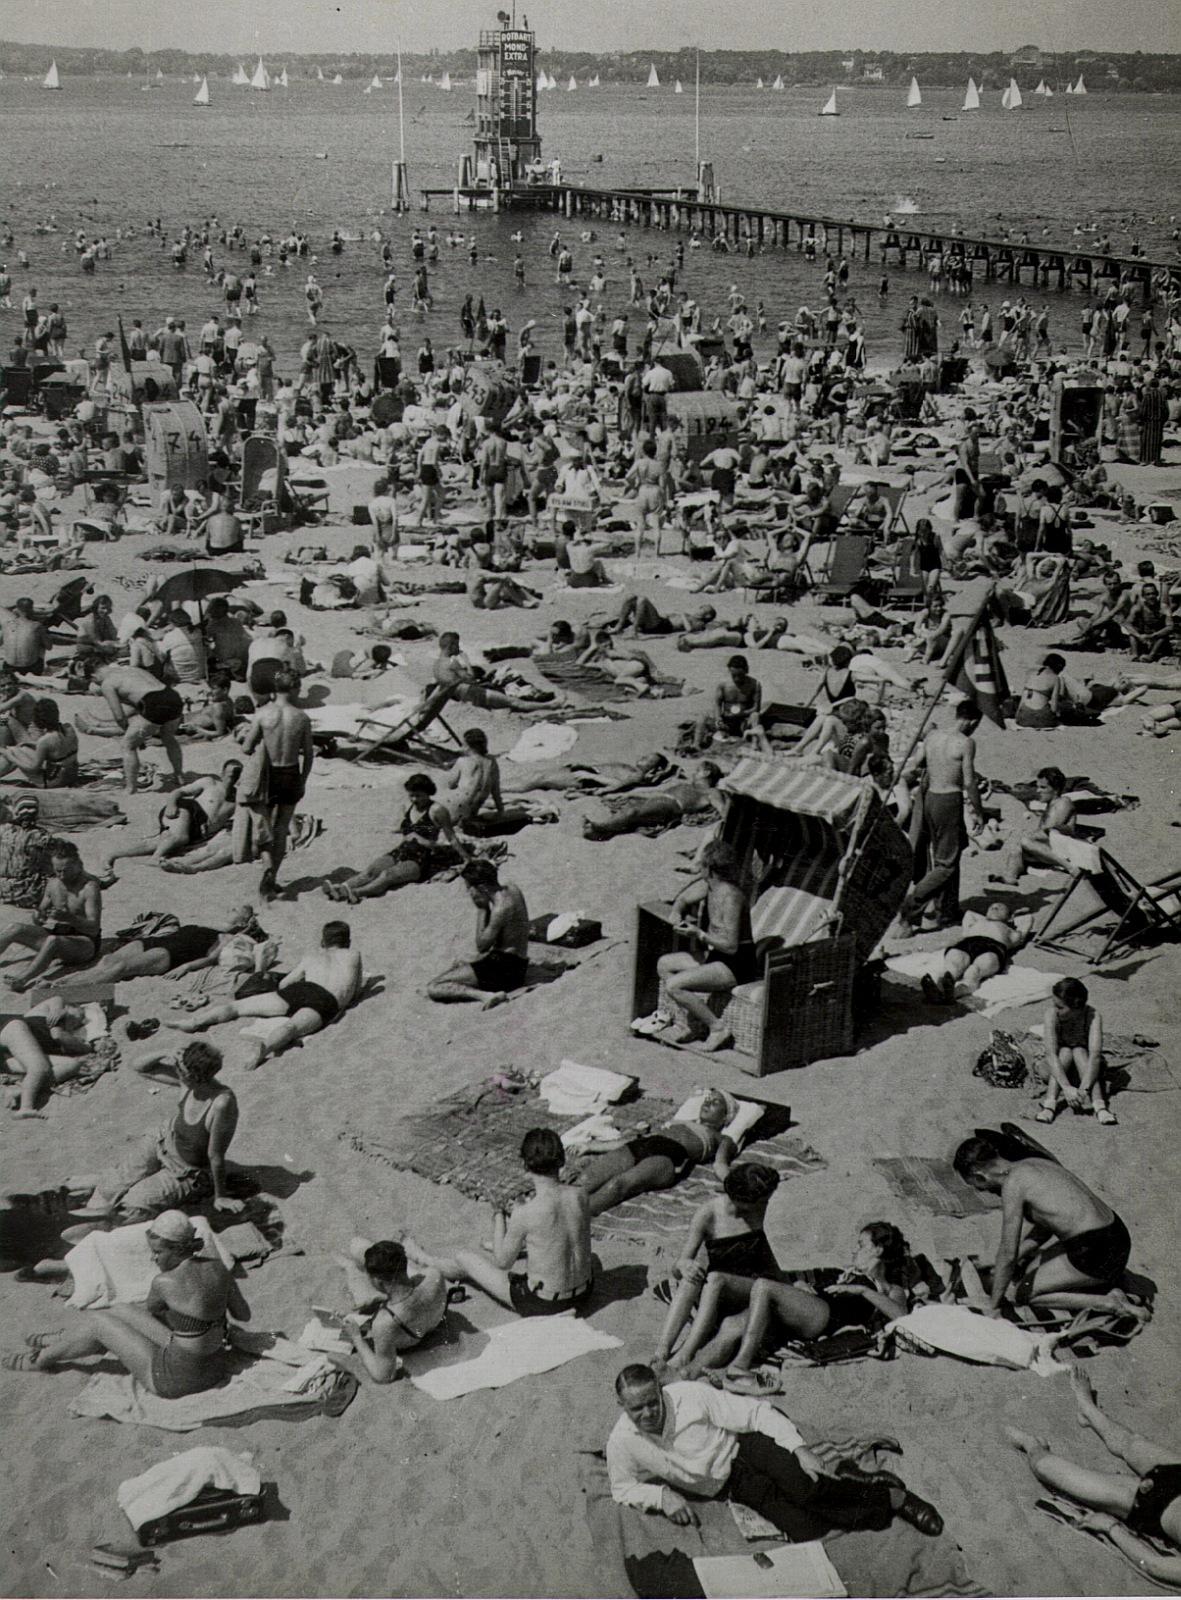 df_pwj-pos_0005042Berlin. Menschenmassen sonnen sich am Strand des Freibades Wannsee